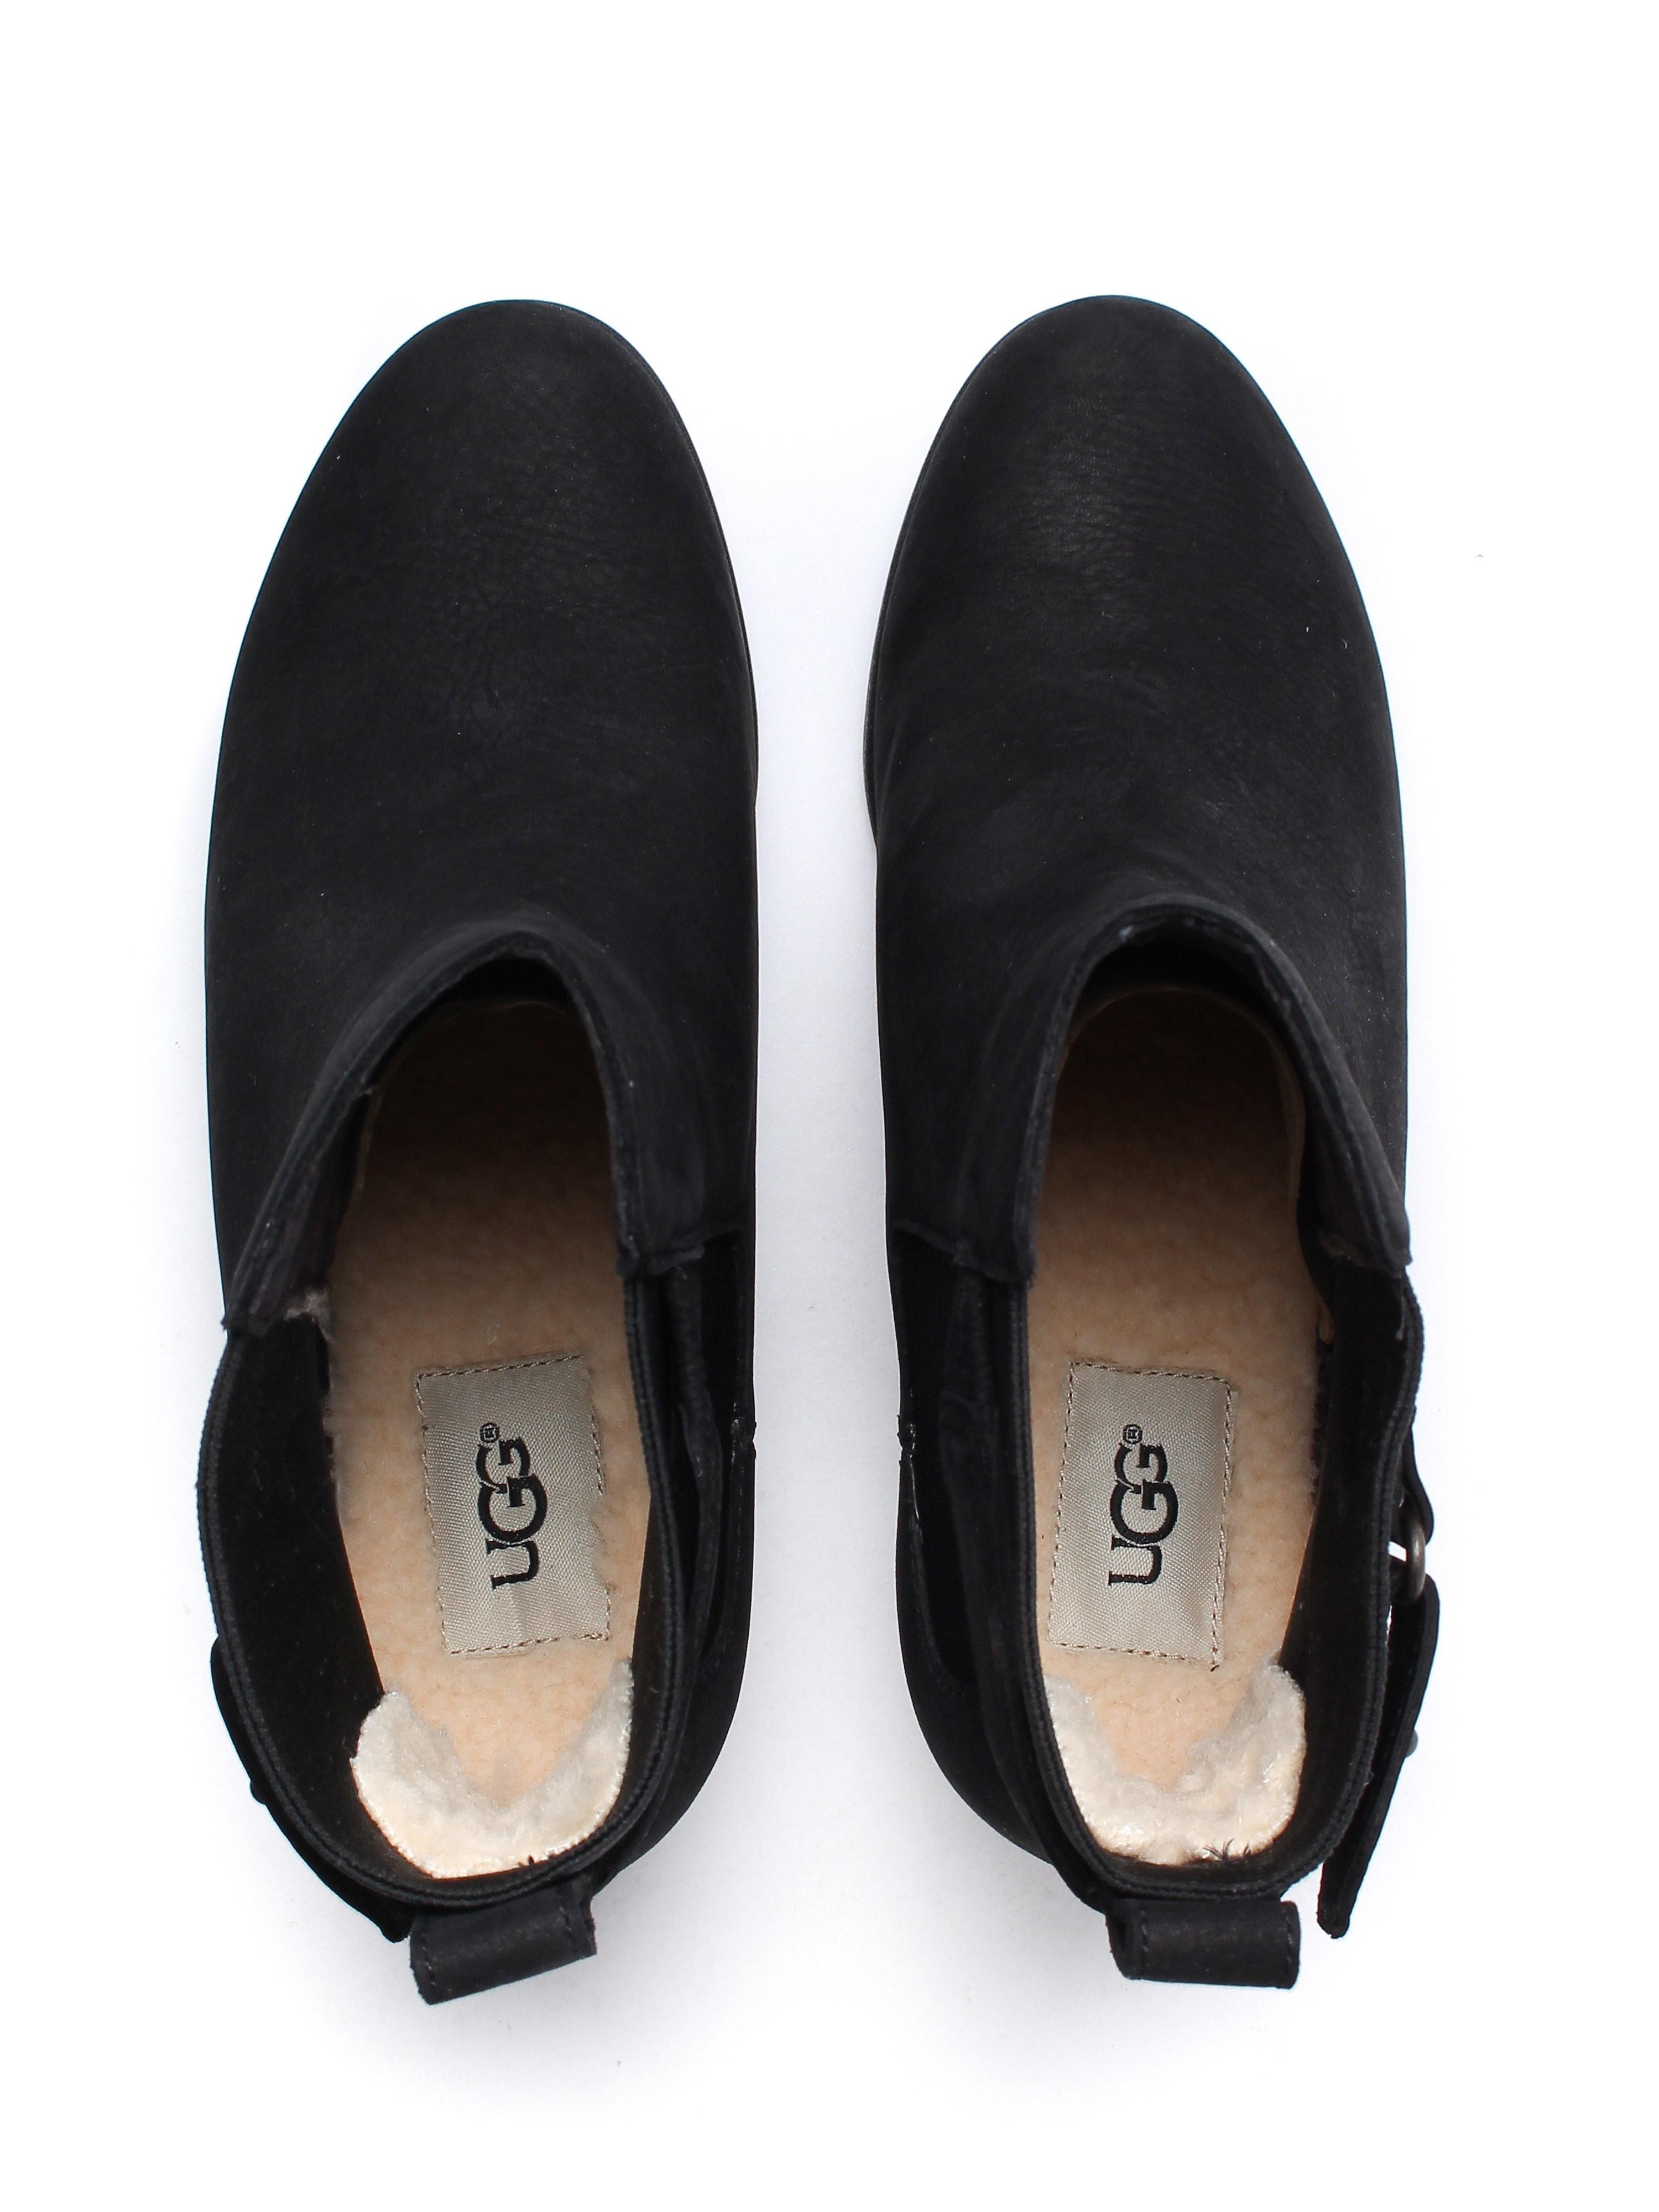 UGG Women's Indra Waterproof Boots - Black Suede